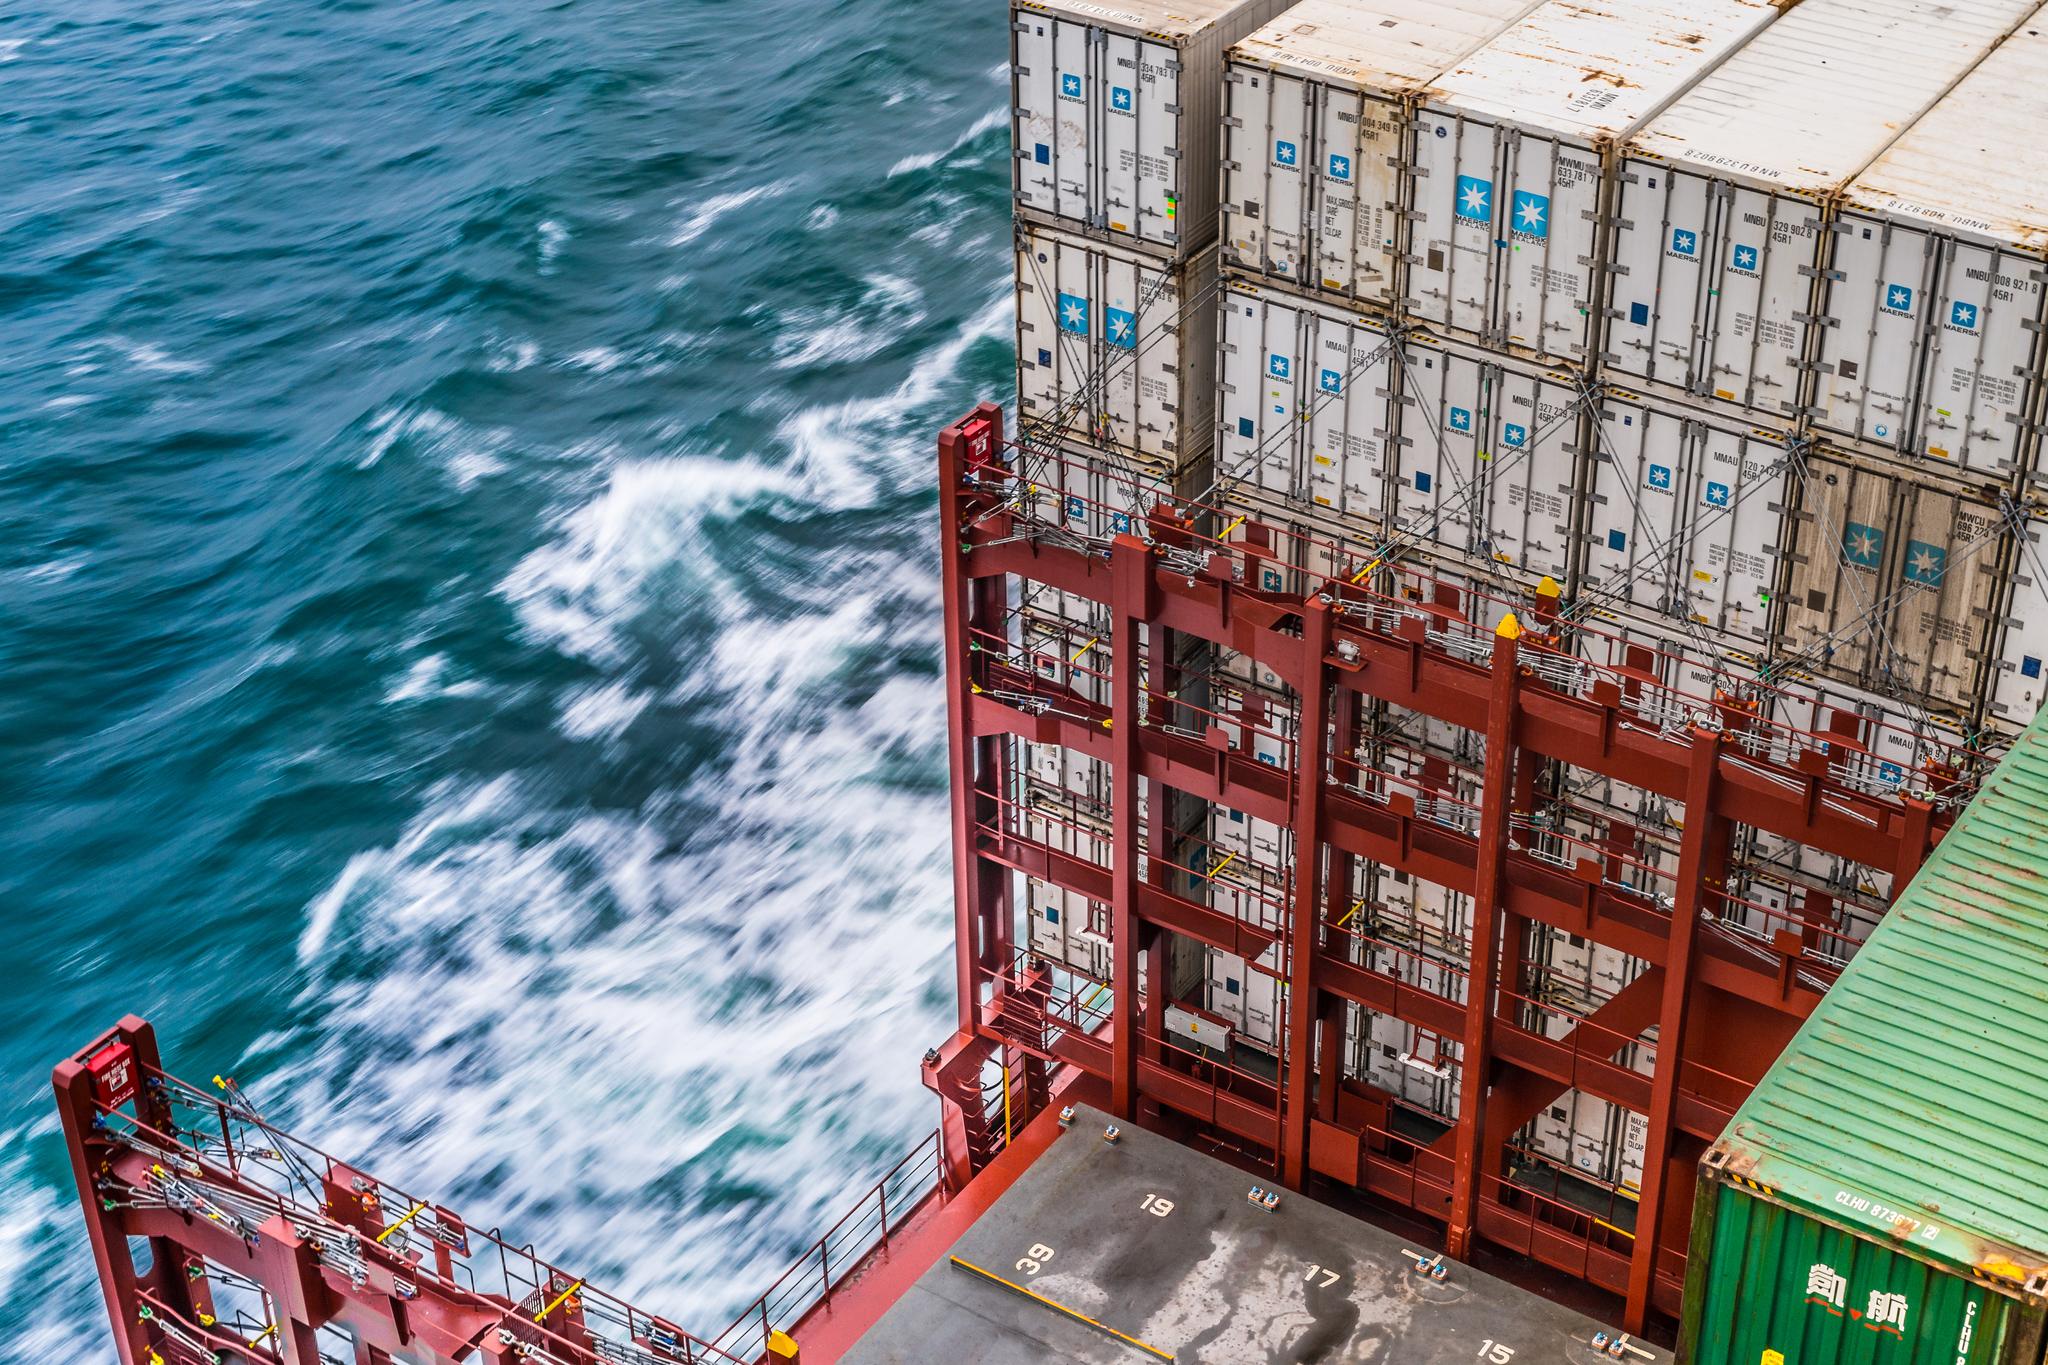 Widok z mostka na kontenery ulokowane na pokładzie Mayview Maersk, na pierwszym planie pokrywa ładowni (fot. Robert Urbaniak)